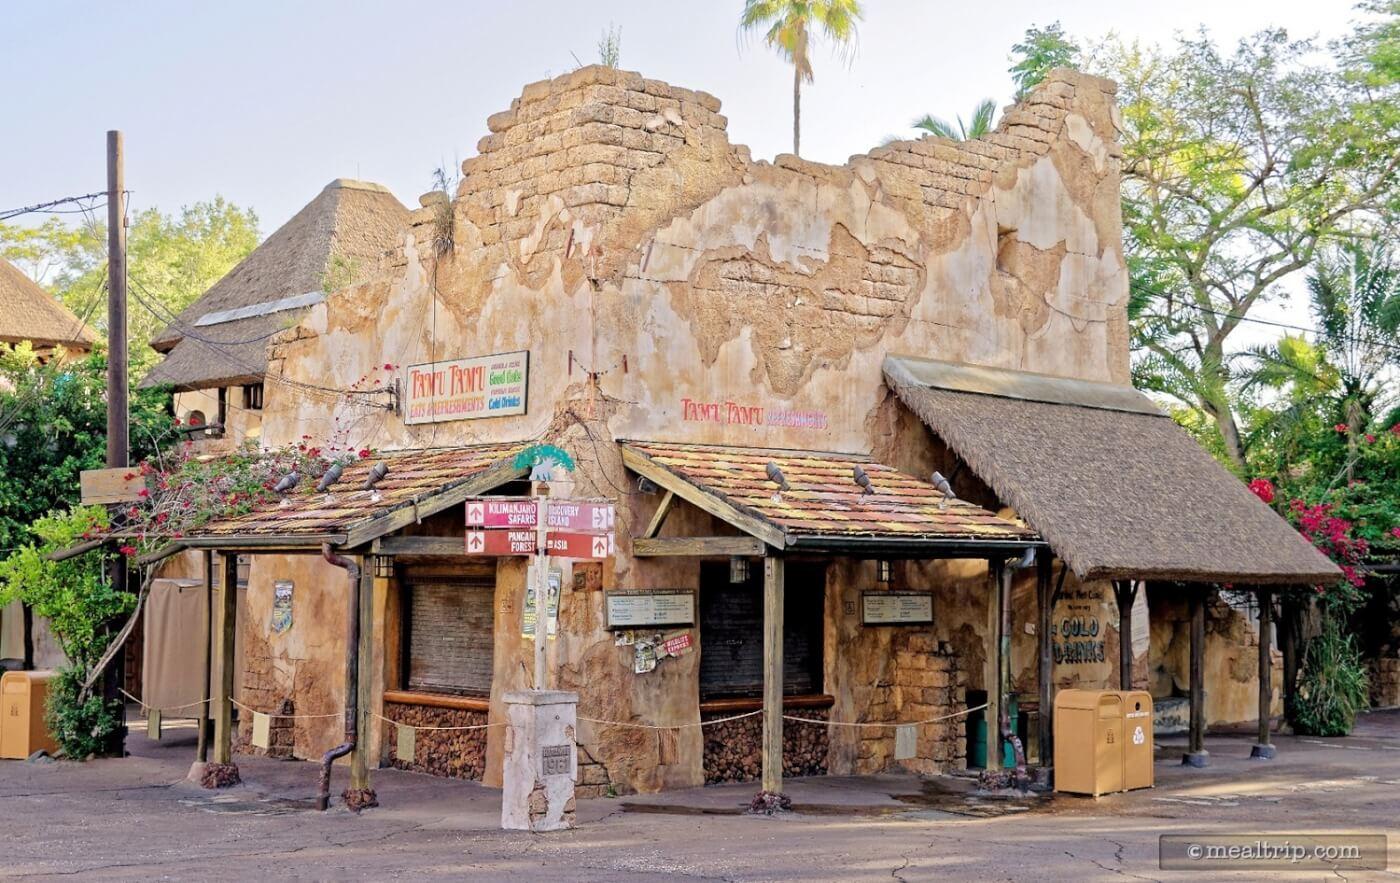 Foto eines heruntergekommen aussehenden kleinen Gebäudes, das den Snack-Kiosk Tamu Tamu Refreshments in Disney's Animal Kingdom beherbergt